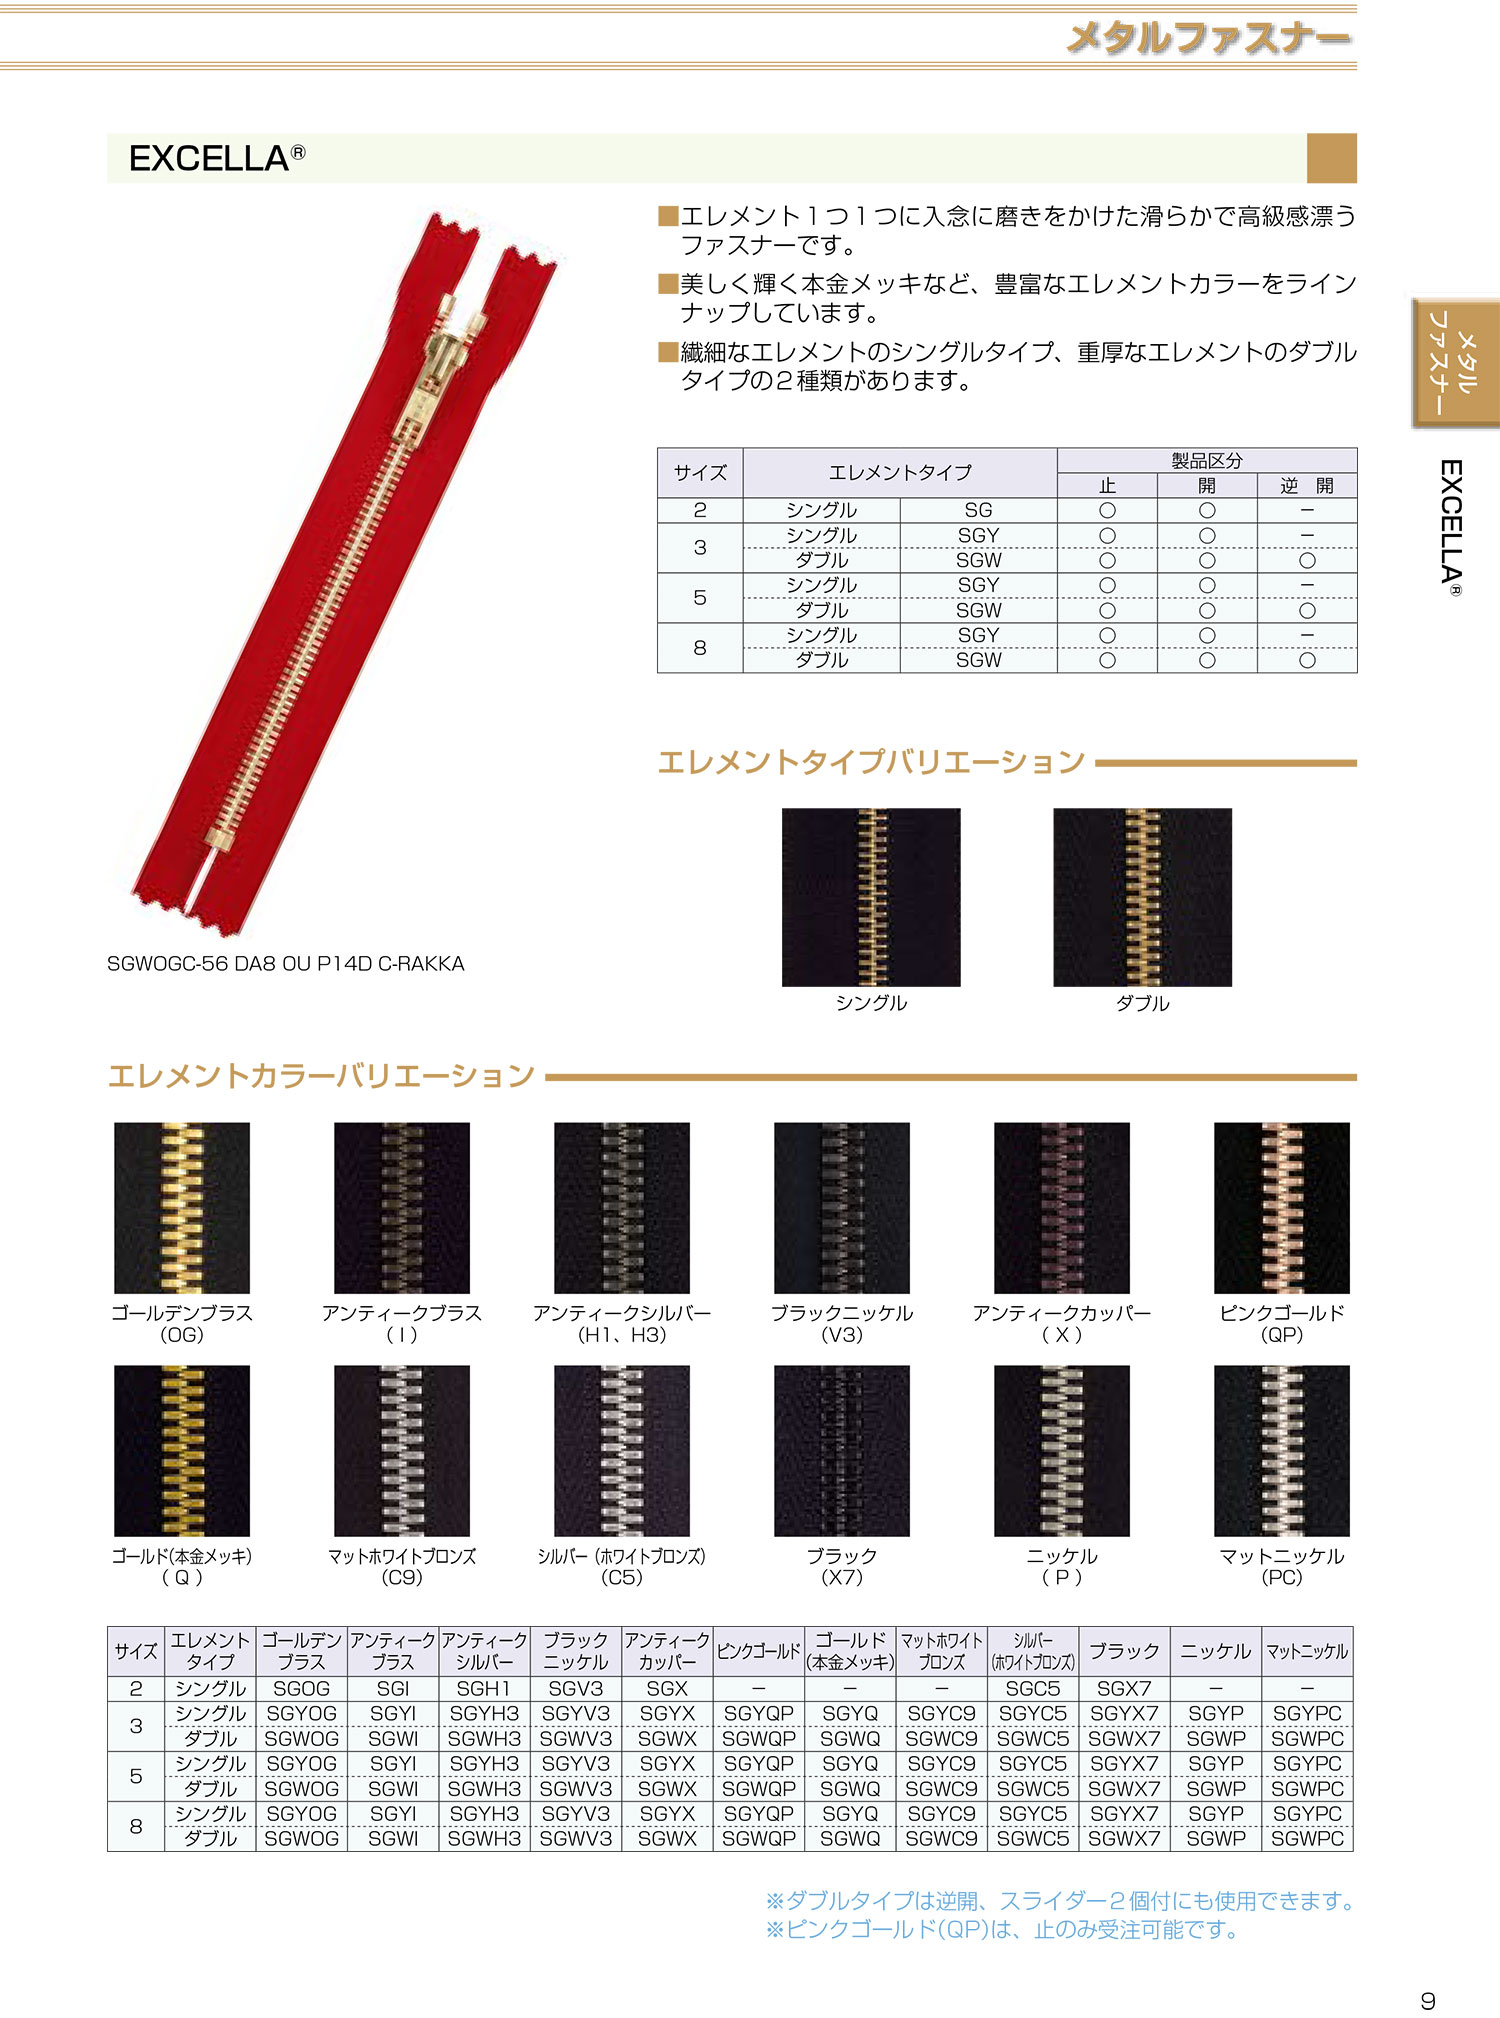 5SGWH3OR エクセラ 5サイズ アンティークシルバー オープン ダブル[ファスナー] YKK/オークラ商事 - ApparelX アパレル資材卸通販